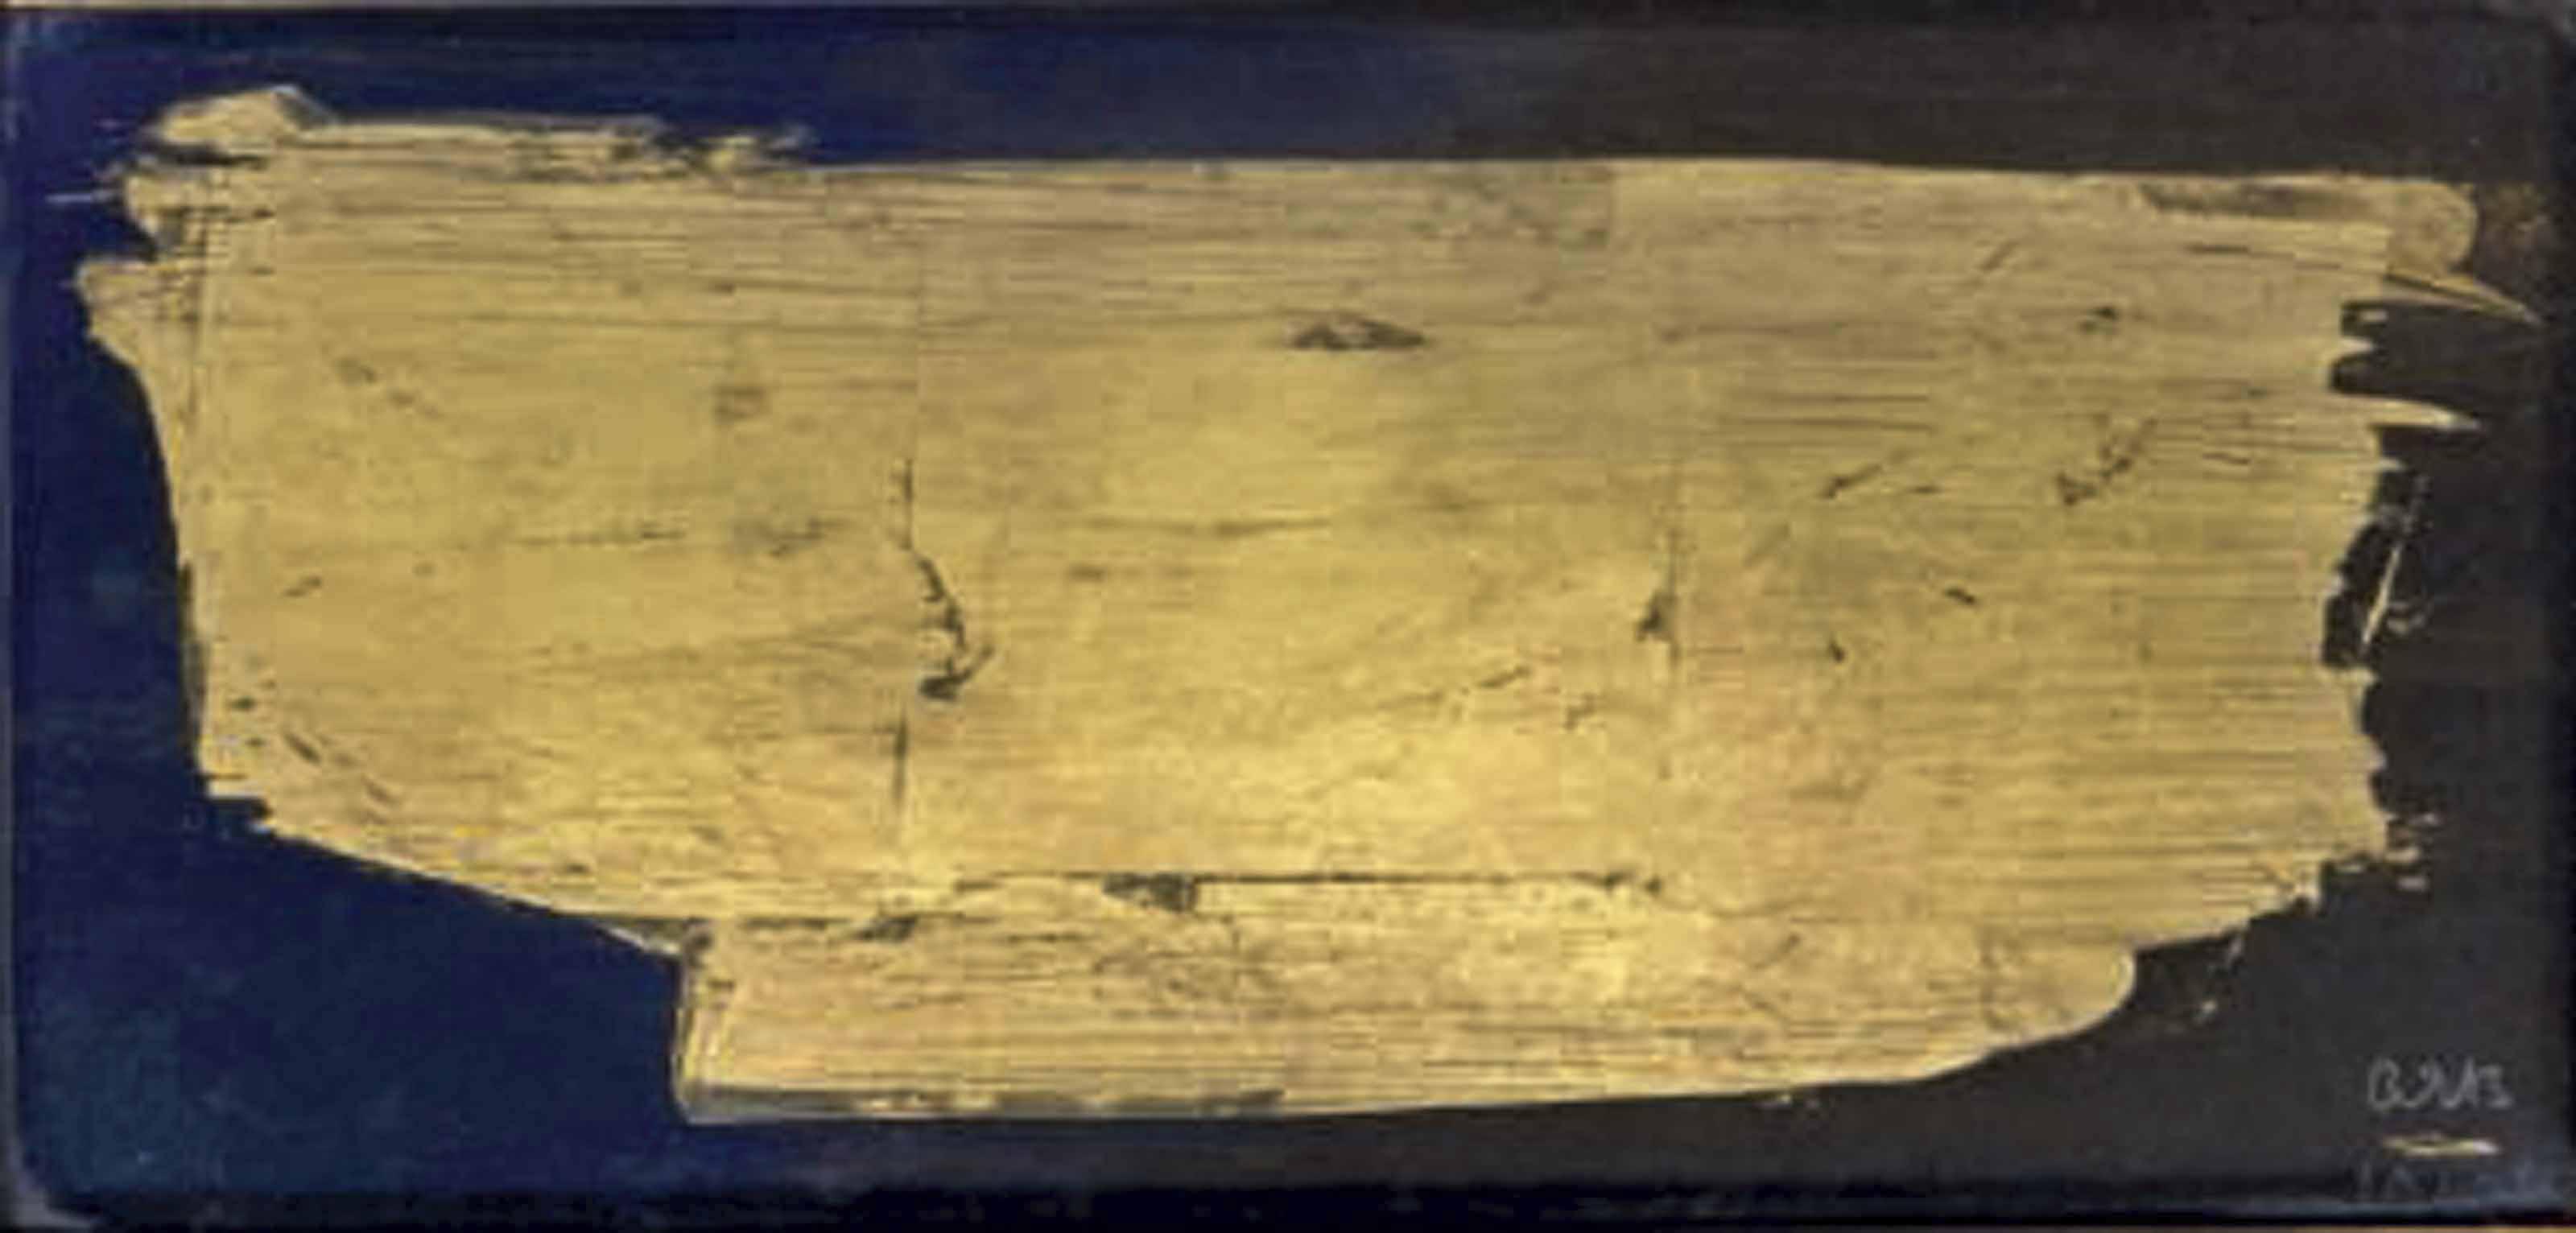 Tibétain (No. 57 - 1958)